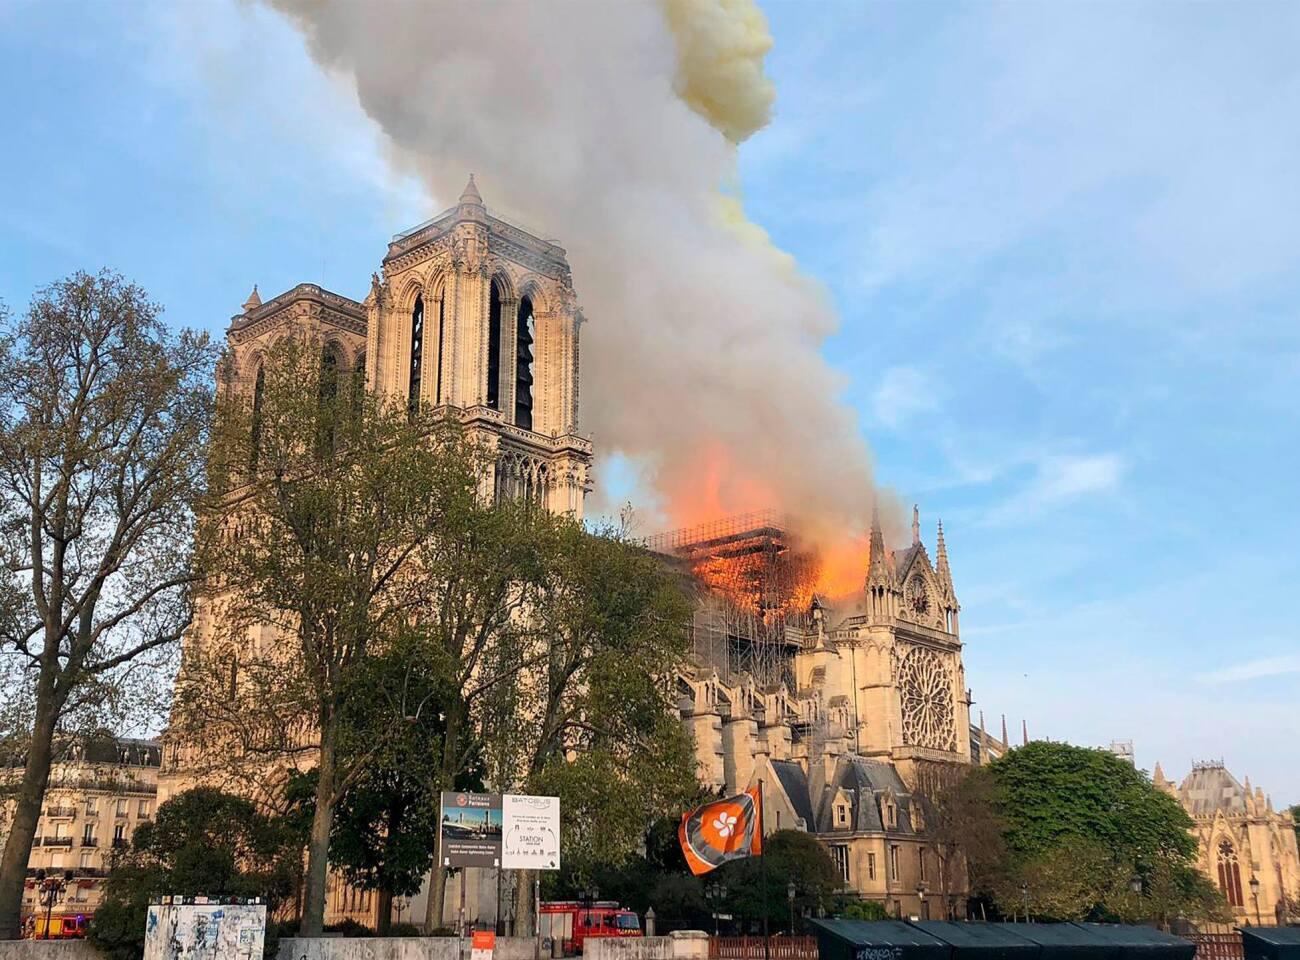 Un incendio estalló en la Catedral de Notre Dame en París, causando el derrumbe de la aguja, y despidiendo columnas de humo y cenizas sobre los turistas alrededor. Ardió todo el interior de madera del lugar.